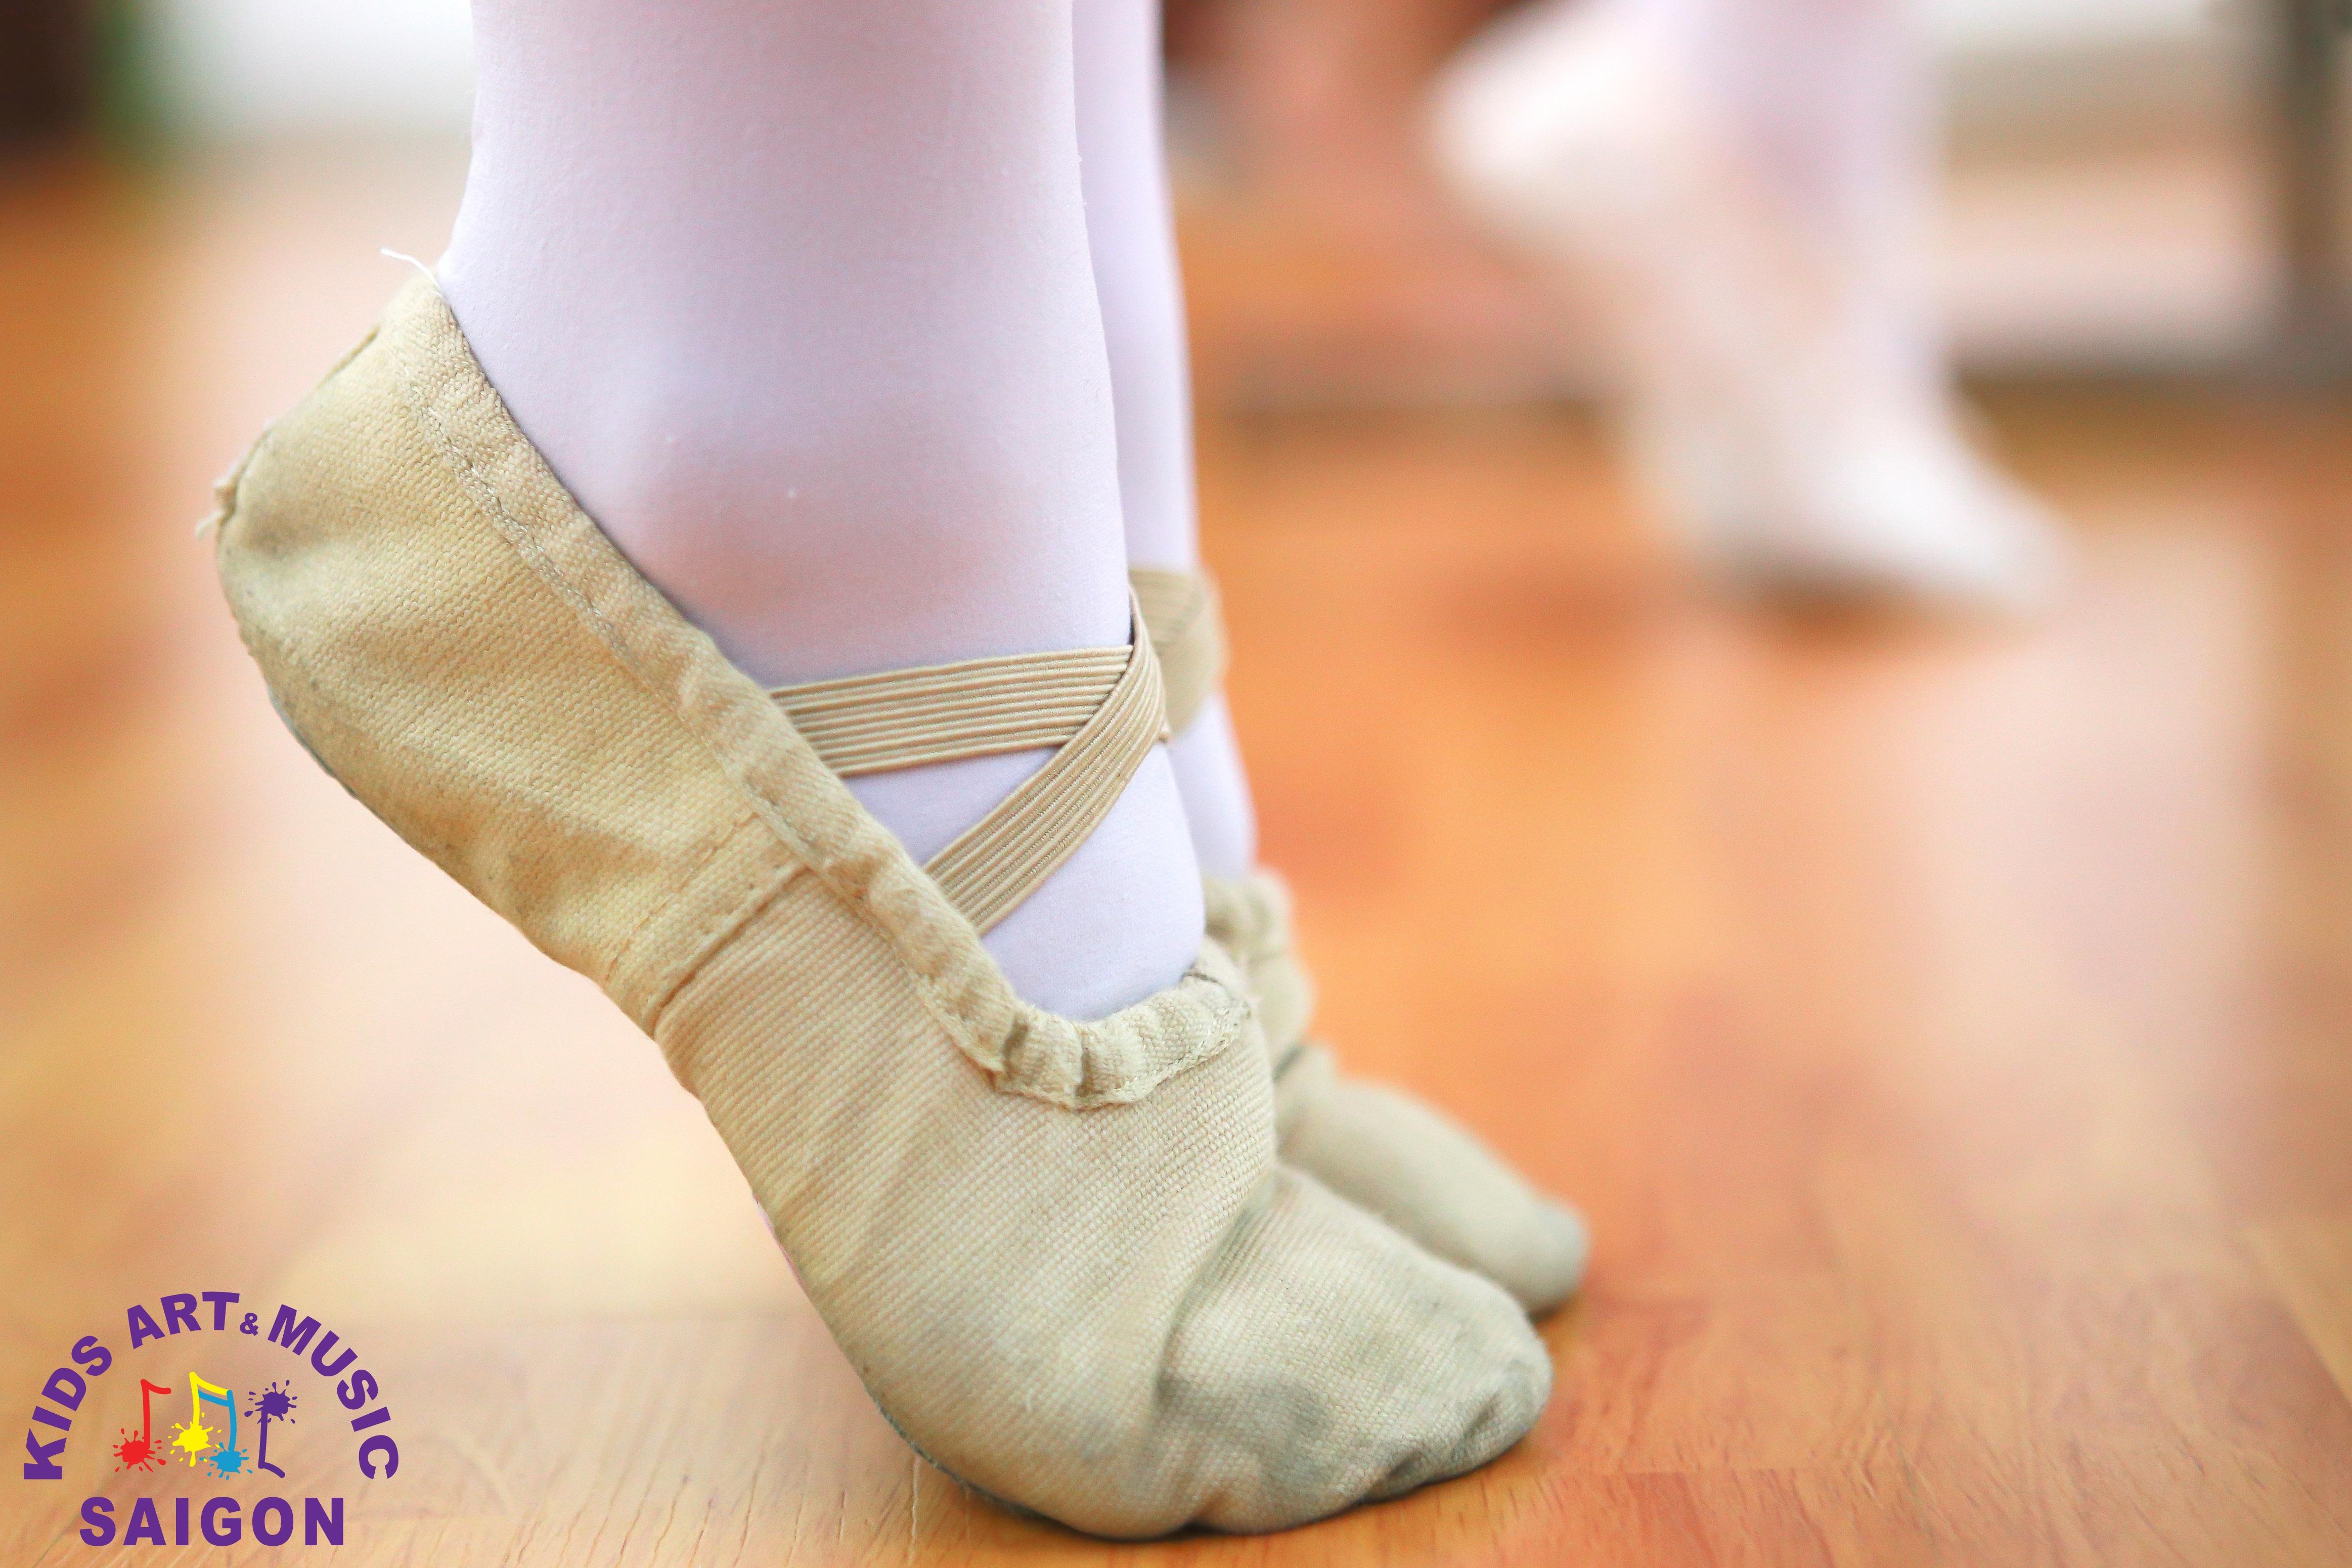 Múa ballet cho bé: Ba mẹ cần lưu ý những gì trước khi chọn lớp cho con? - hình ảnh 3